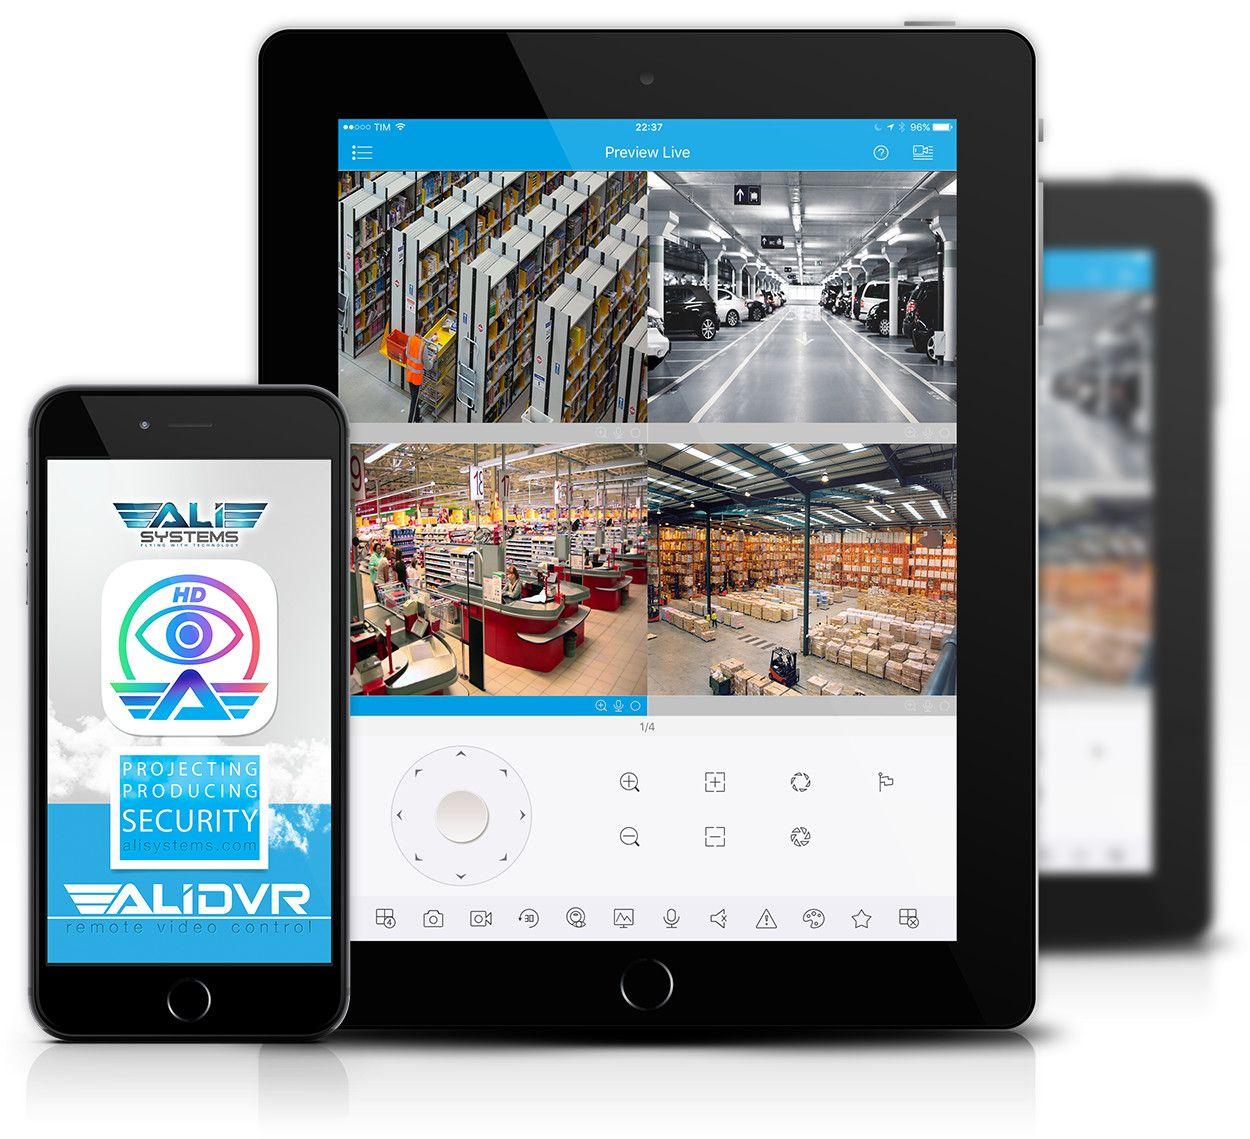 alidvr applicazione per telefono e tablet videosorveglianza